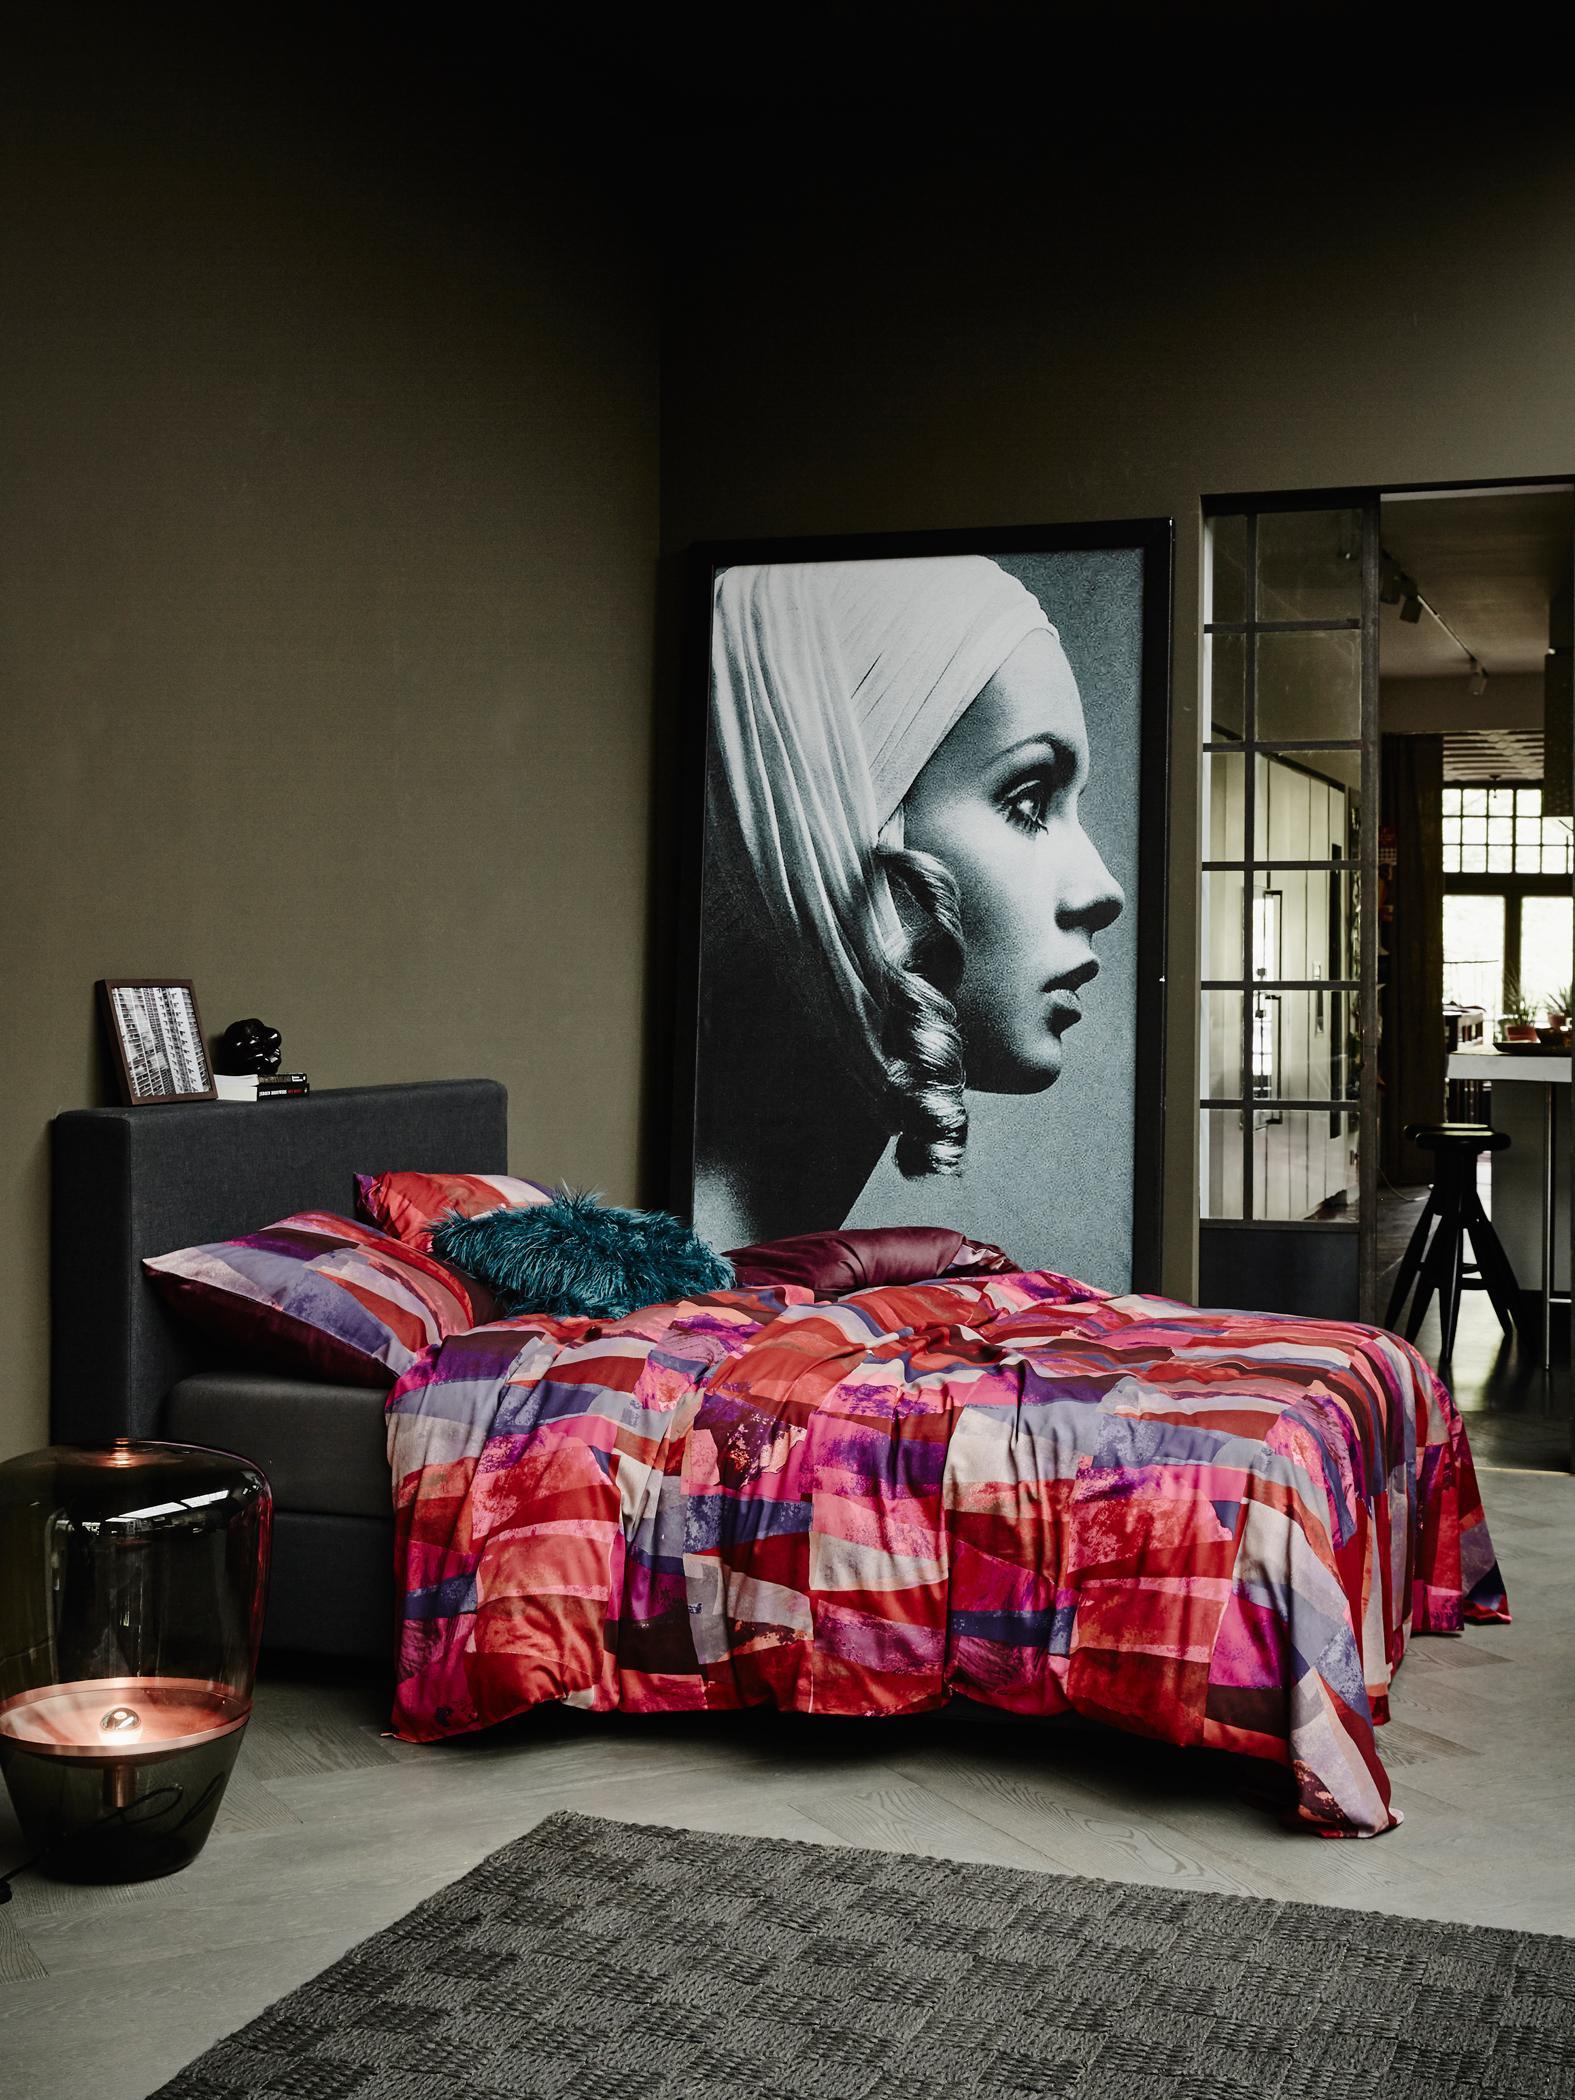 Mit Der Bettwäsche Farbkontraste Erzeugen #bett #teppich #bettwäsche  #buntebettwäsche #schlafzimmergestalten #